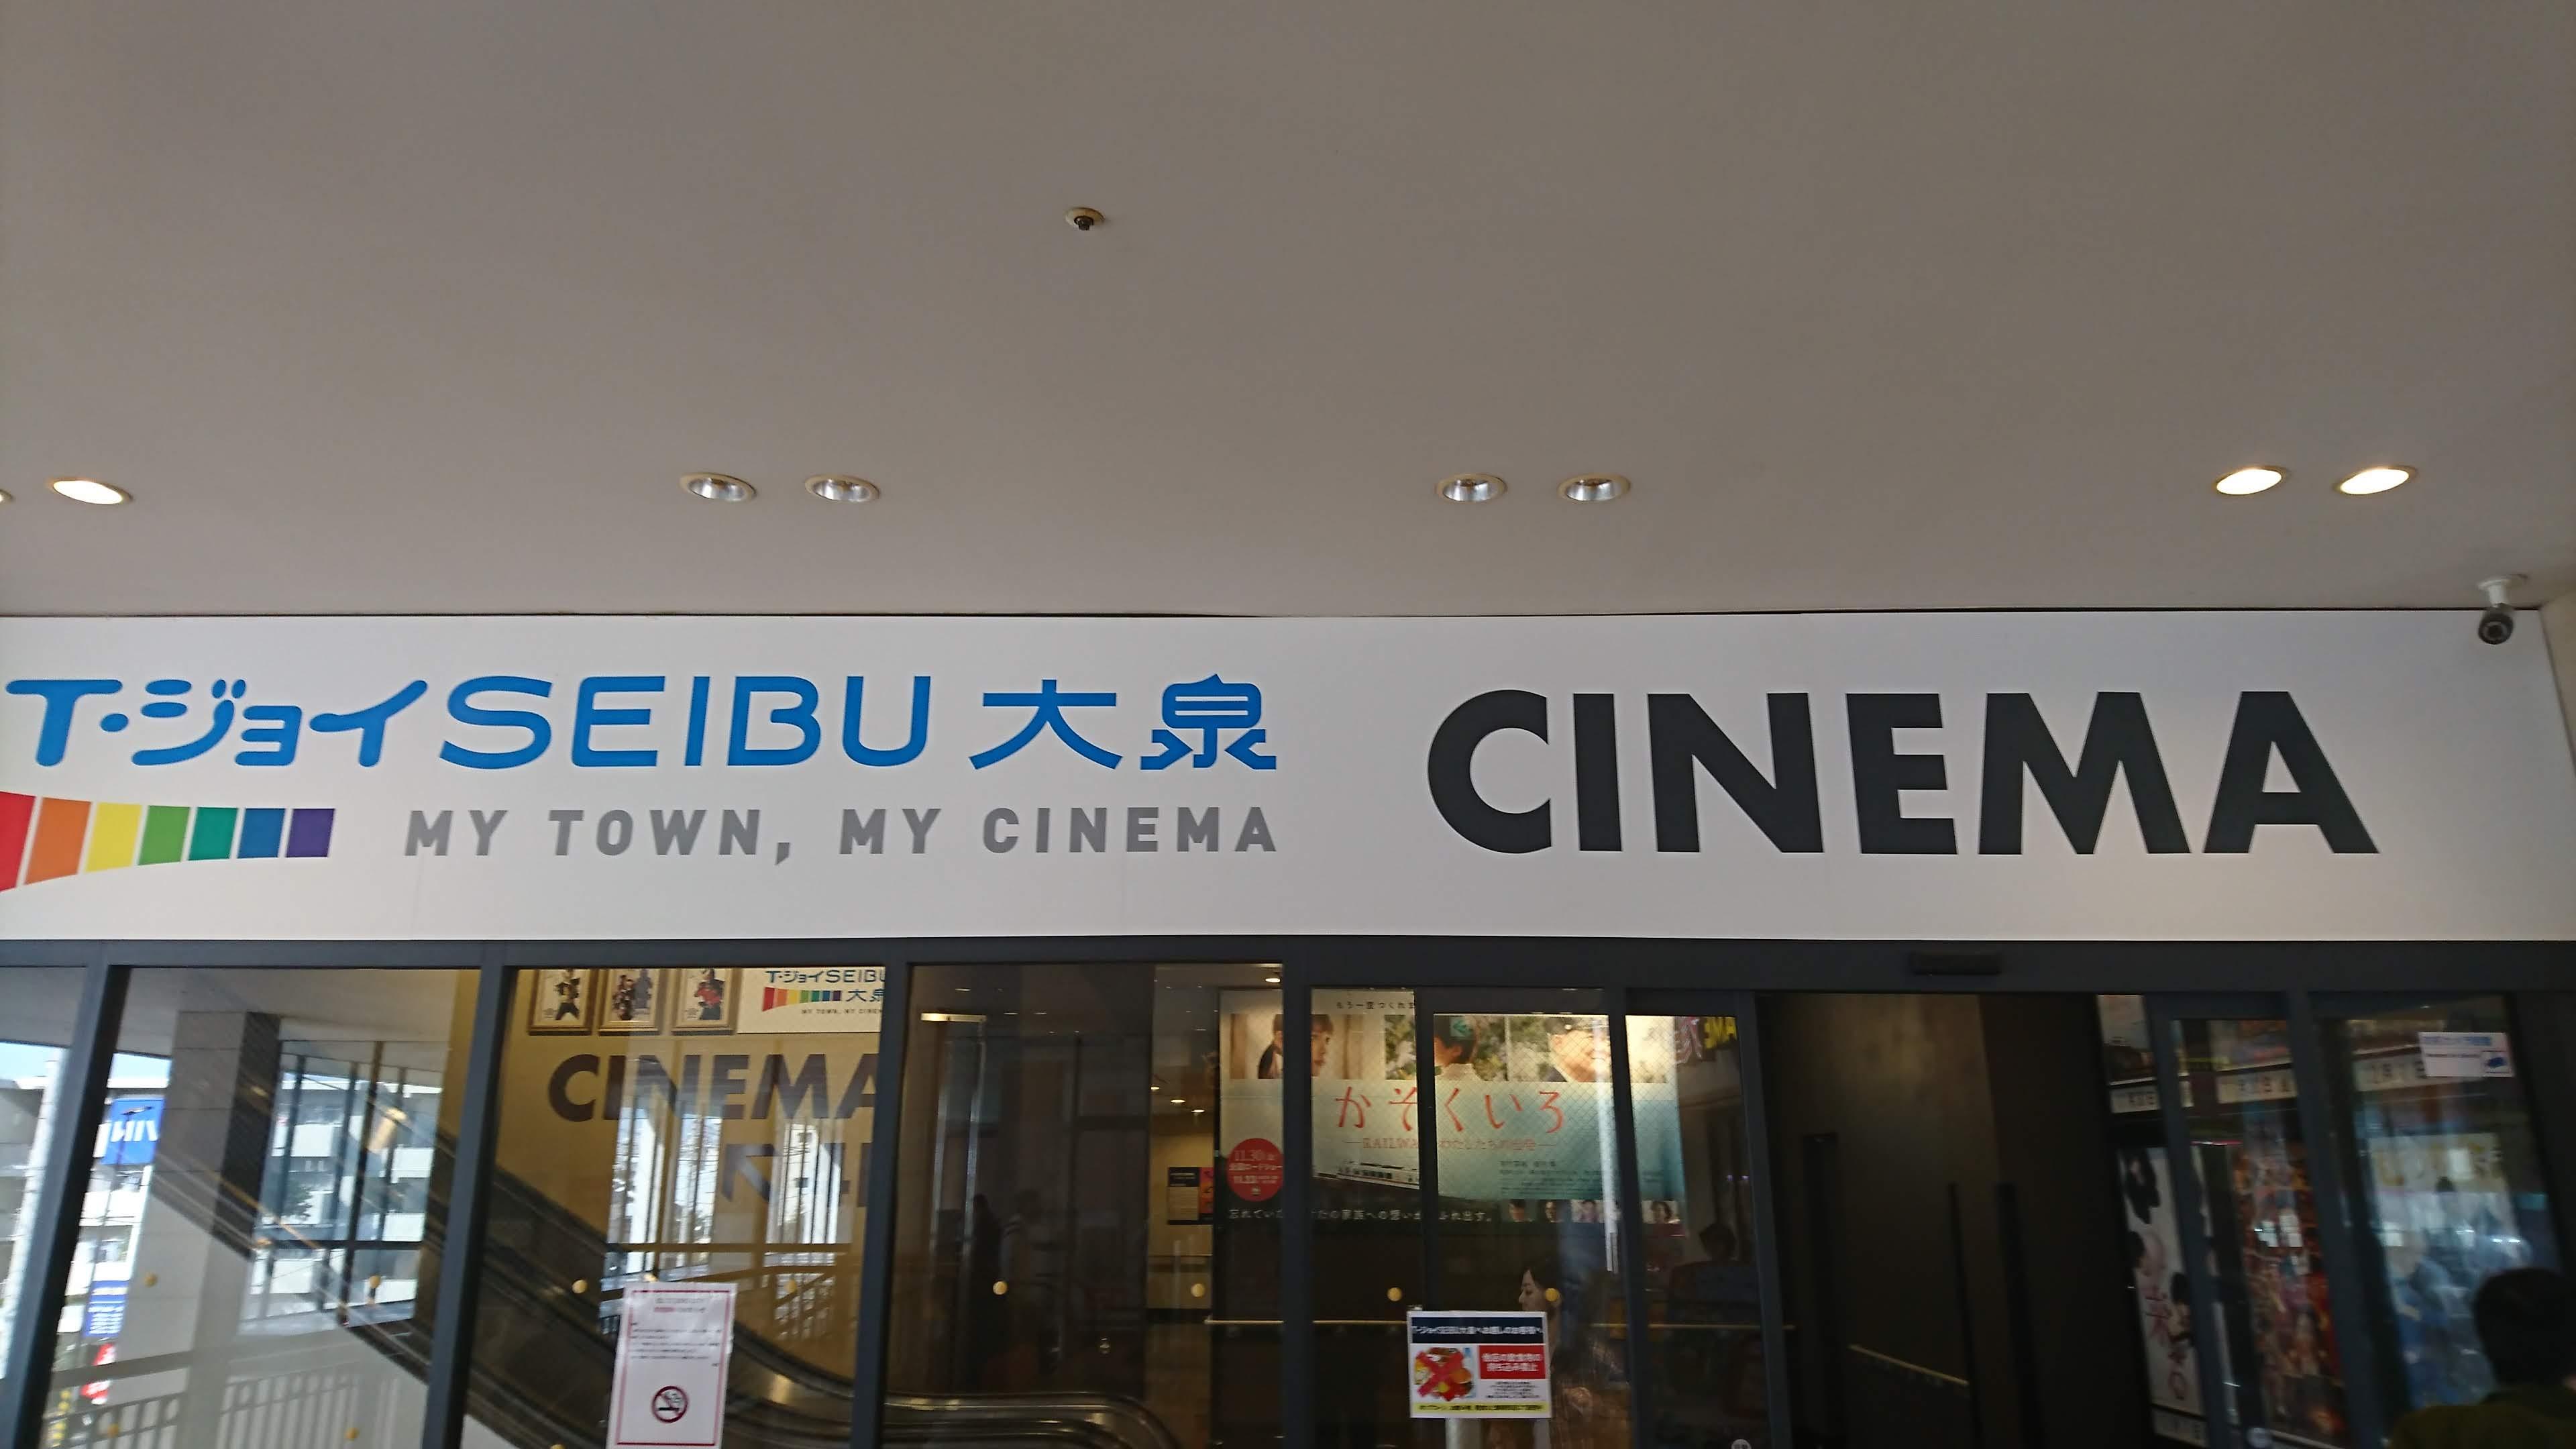 大泉 学園 映画